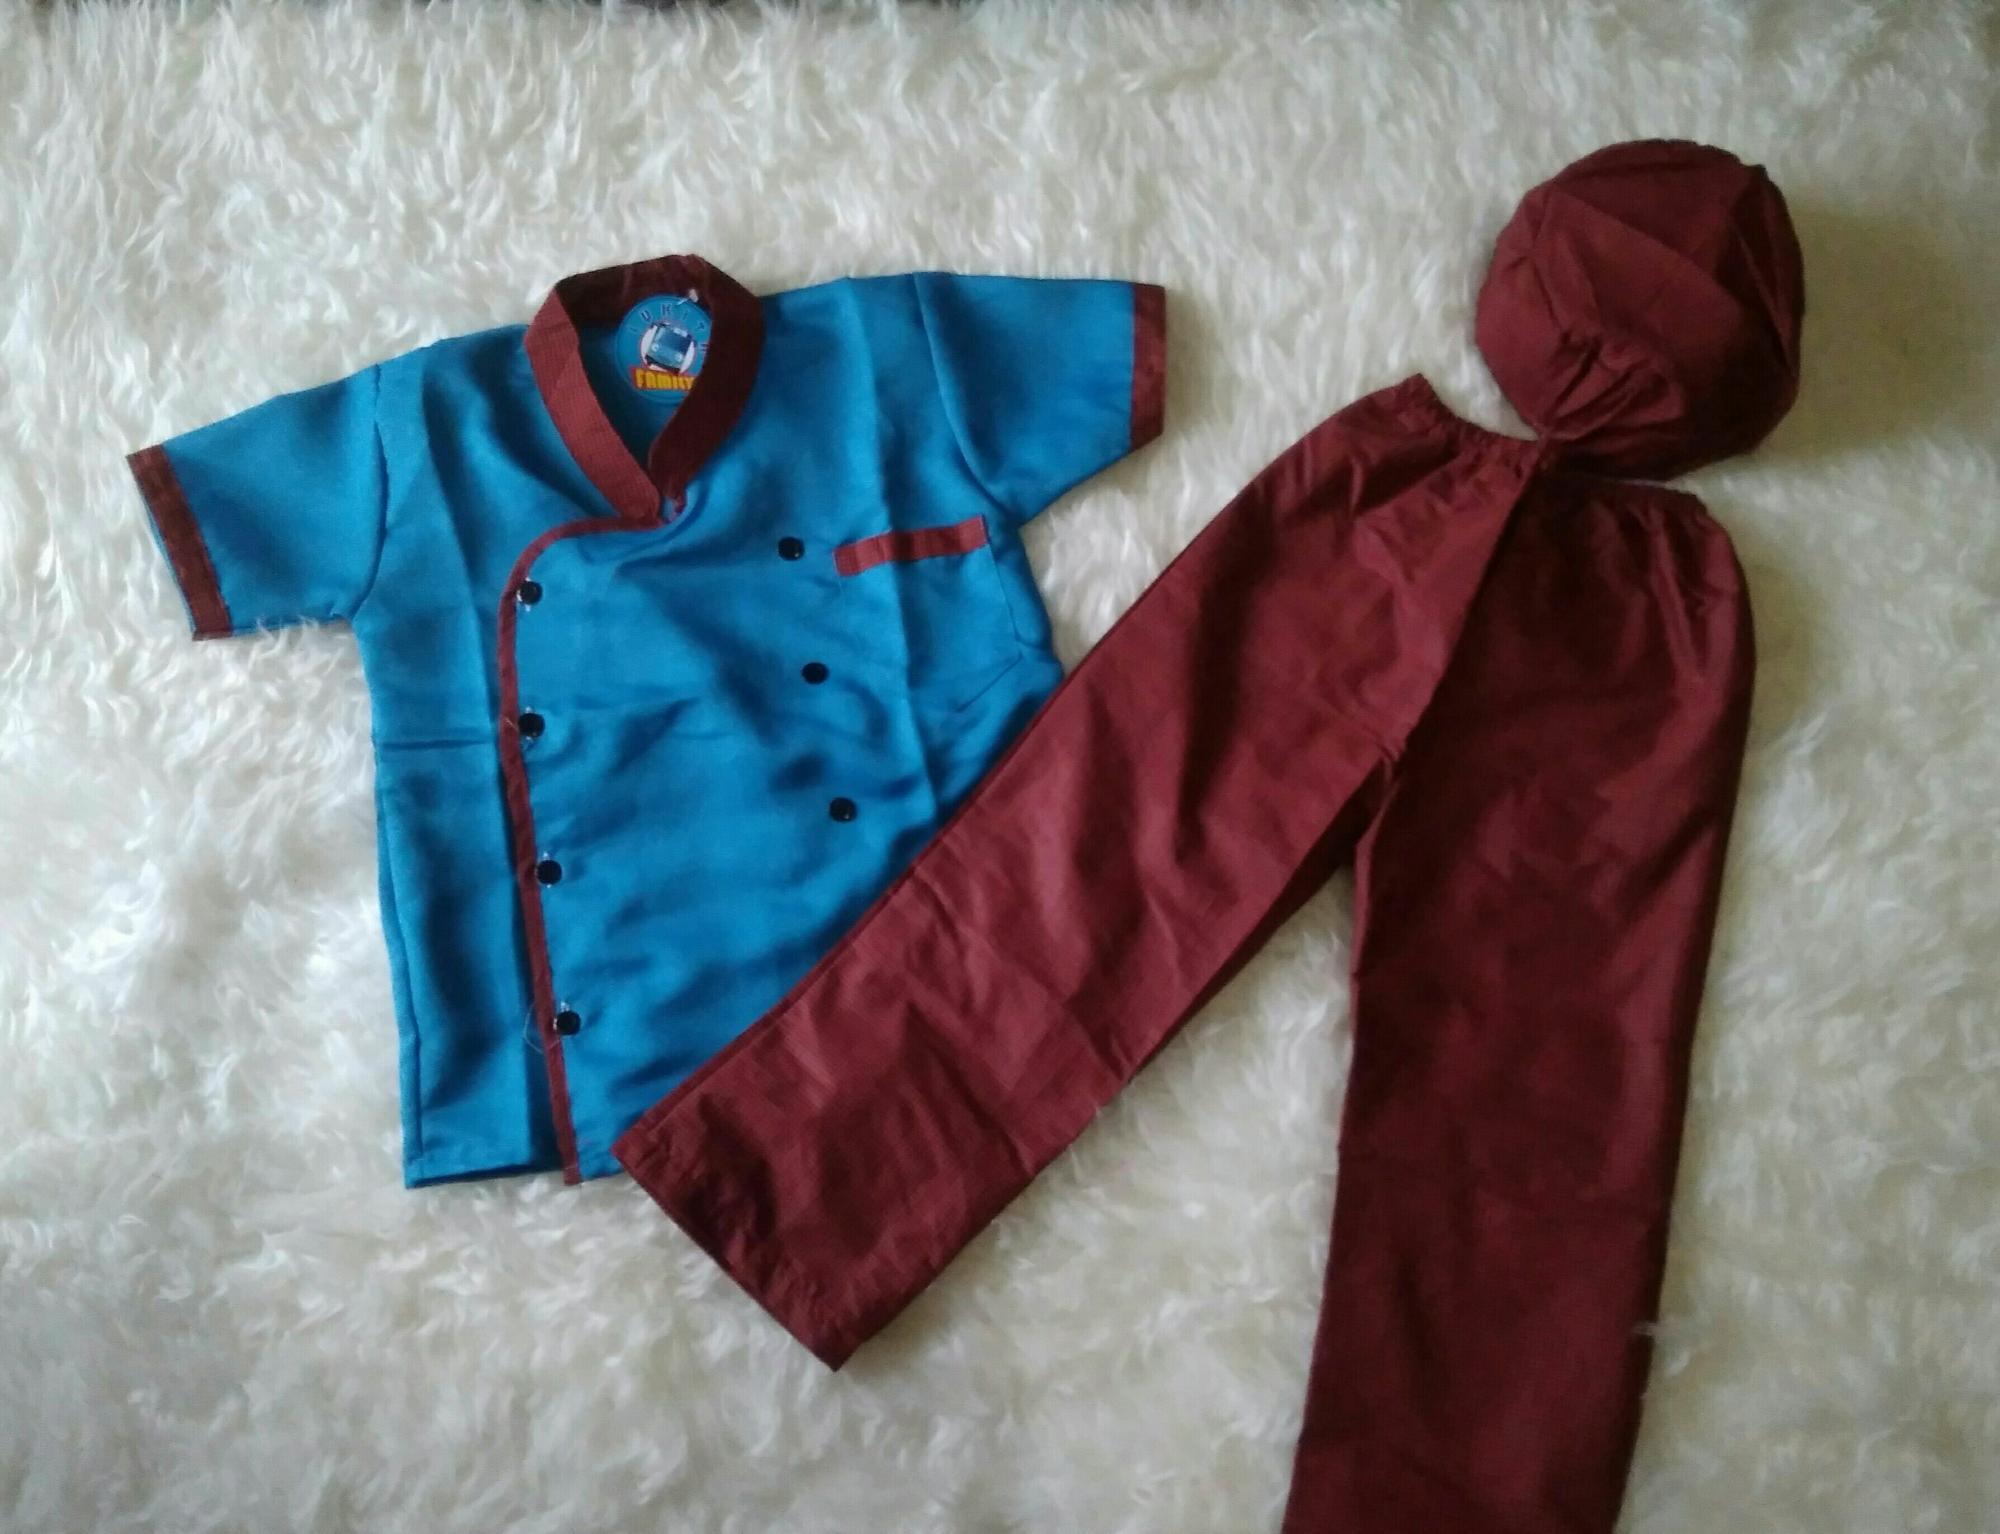 Kokici - Koko Model baju Koki - Celana - Peci - Koko Anak - Baju muslim